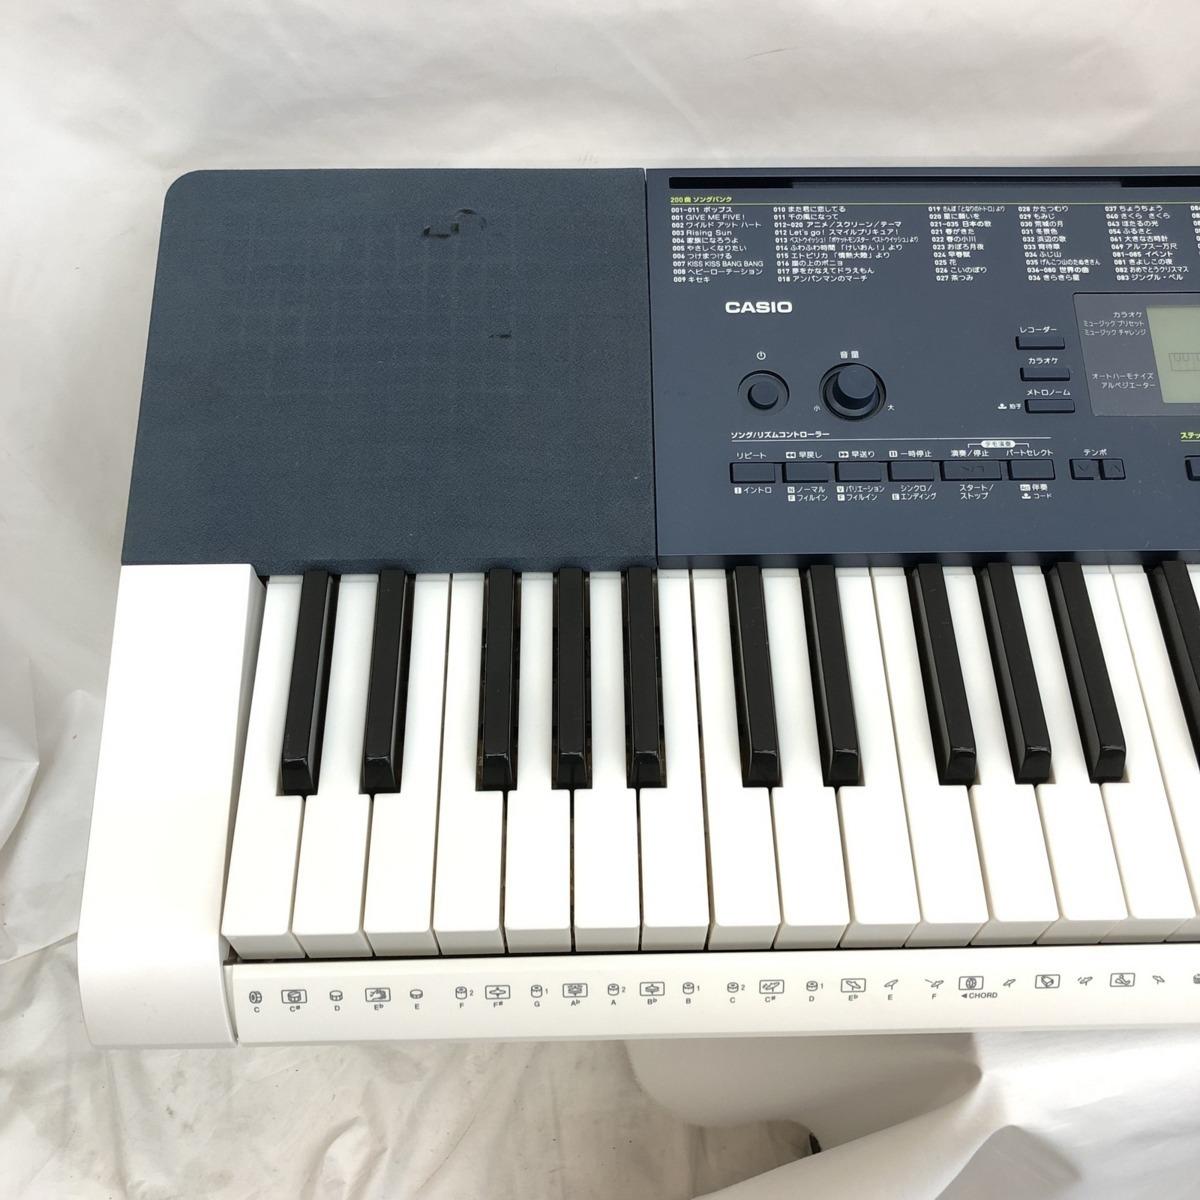 中古 CASIO カシオ 電子キーボード LK-215 光ナビゲーション タッチレスポンス 61鍵盤 ホワイト ネイビー 鍵盤楽器 電子ピアノ H15254_画像3